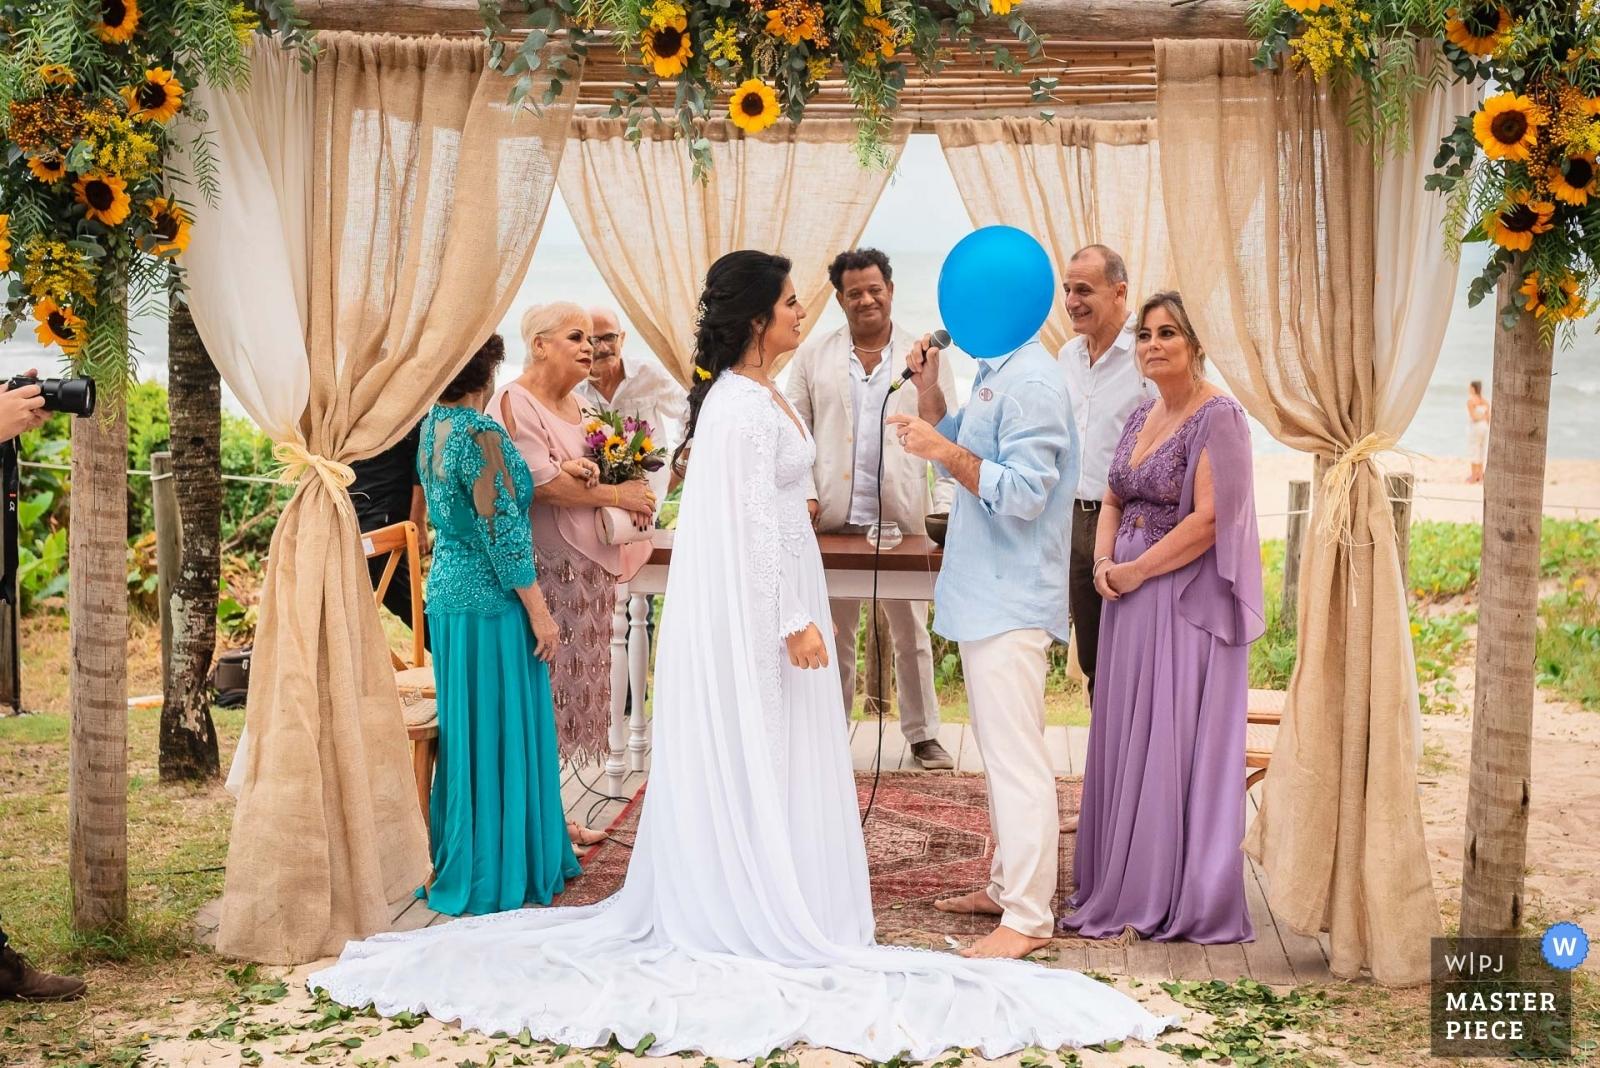 The blue-headed groom. - Rio de Janeiro, Brazil Wedding Photography -  | Grumari Beach Garden - Rio de Janeiro - Brazil